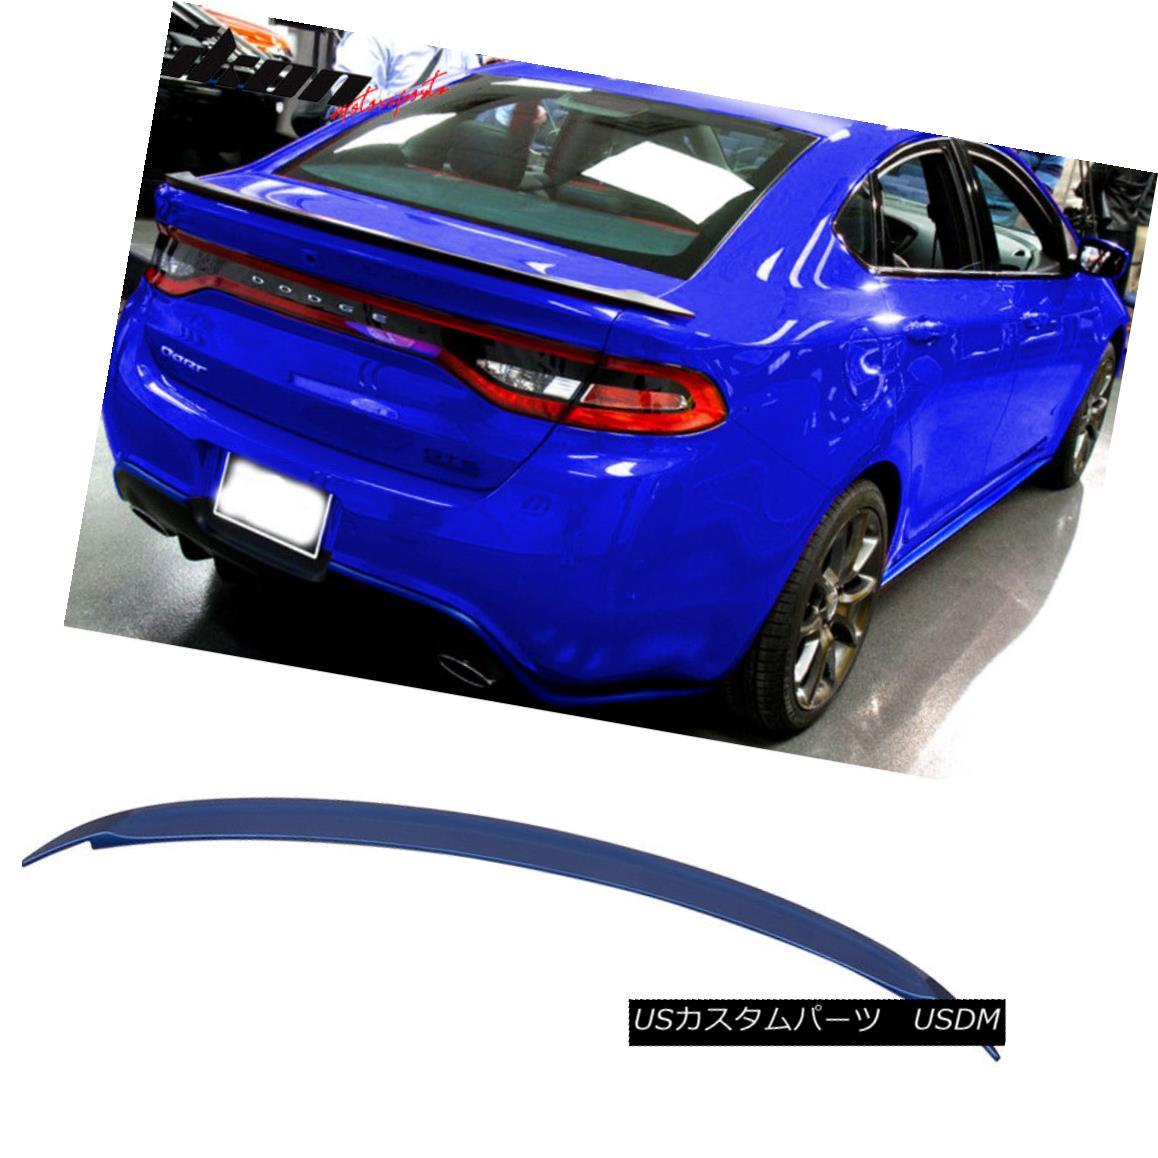 エアロパーツ Fits 13-16 Dart OE Factory Flush Trunk Spoiler Aero Wing #PCL Blue Streak Pearl フィット13-16ダーツOE工場フラッシュトランクスポイラーエアロウィング#PCLブルーストリークパール